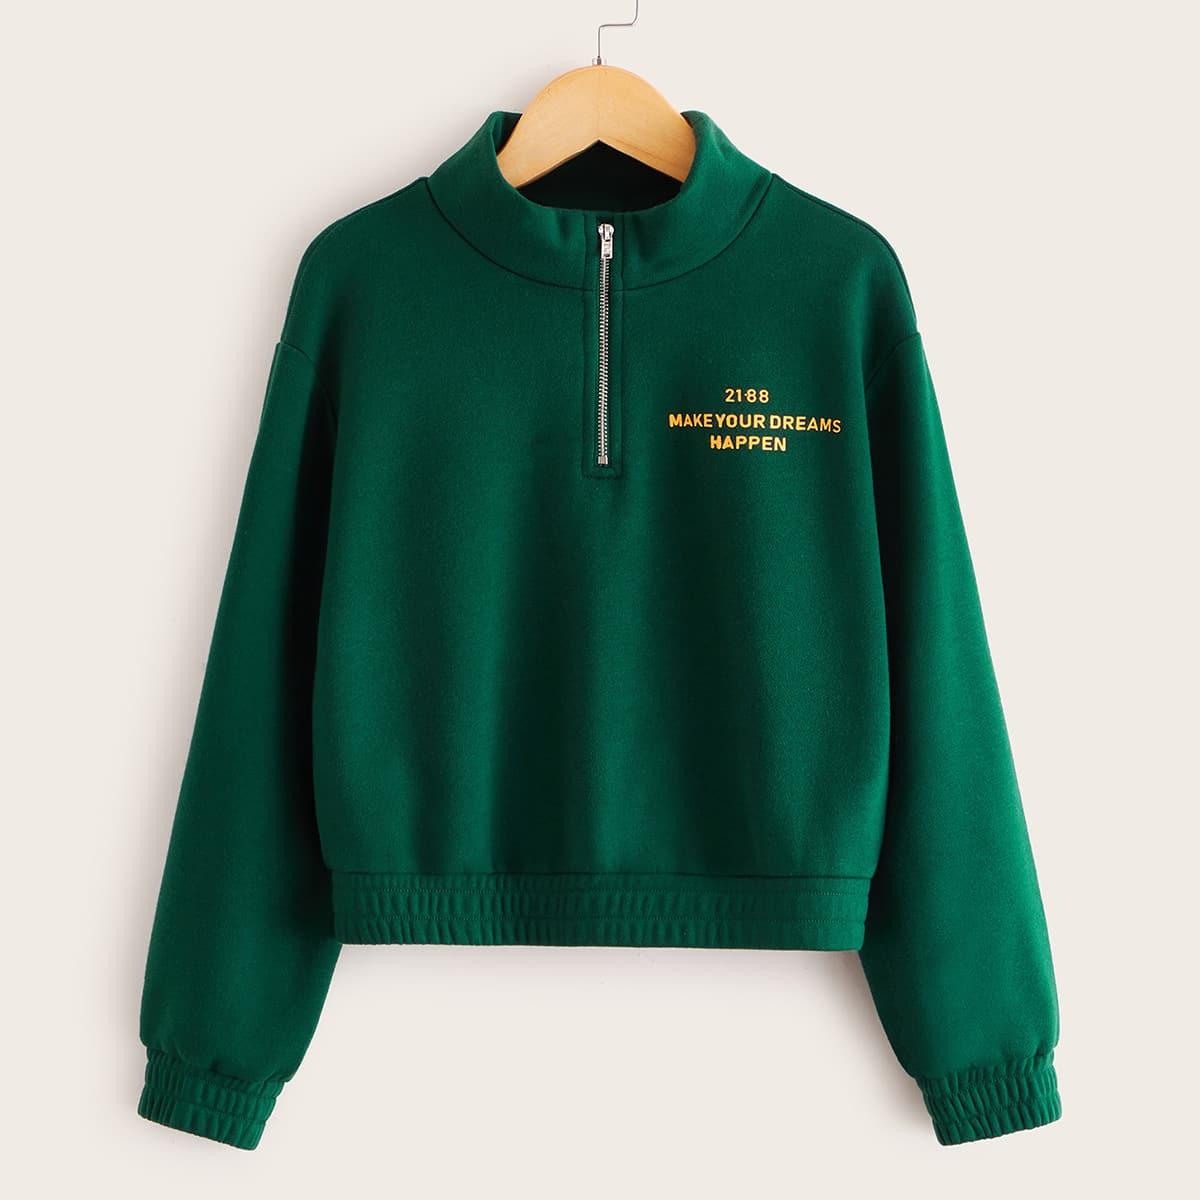 Пуловер с текстовым принтом и молнией для девочек от SHEIN